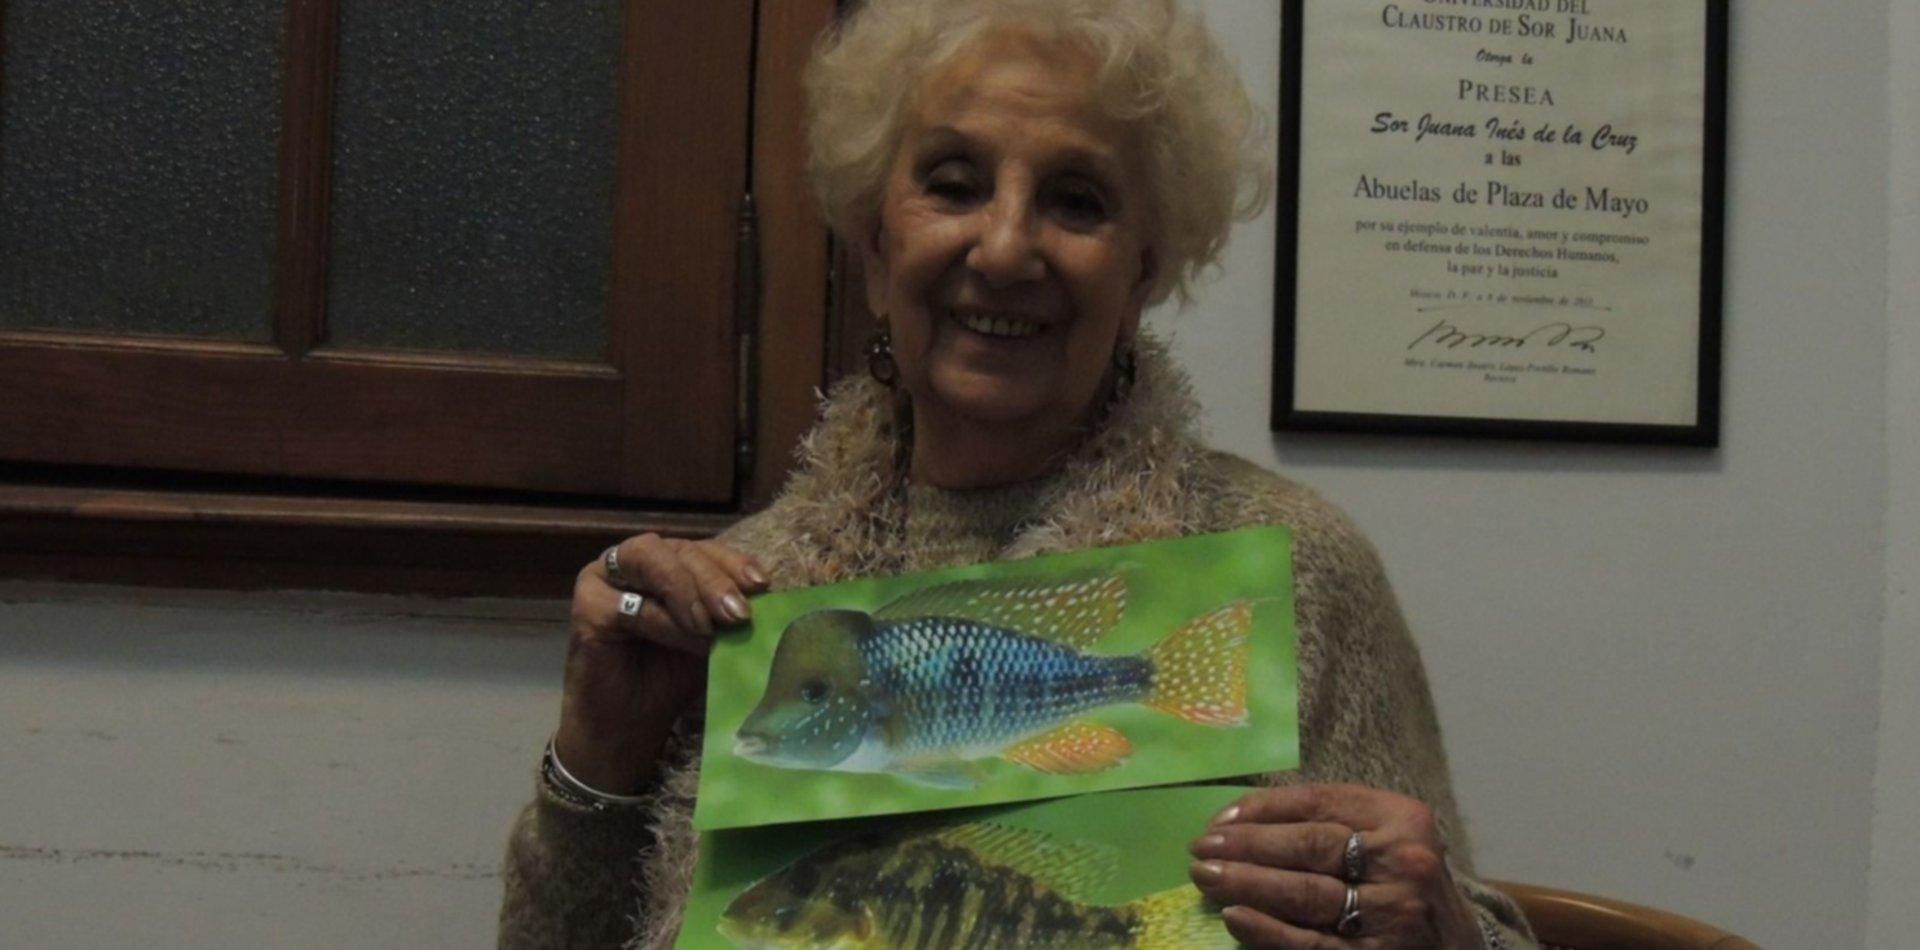 Nombrar con amor y compromiso: la historia del pez que le rinde homenaje a las Abuelas de Plaza de Mayo